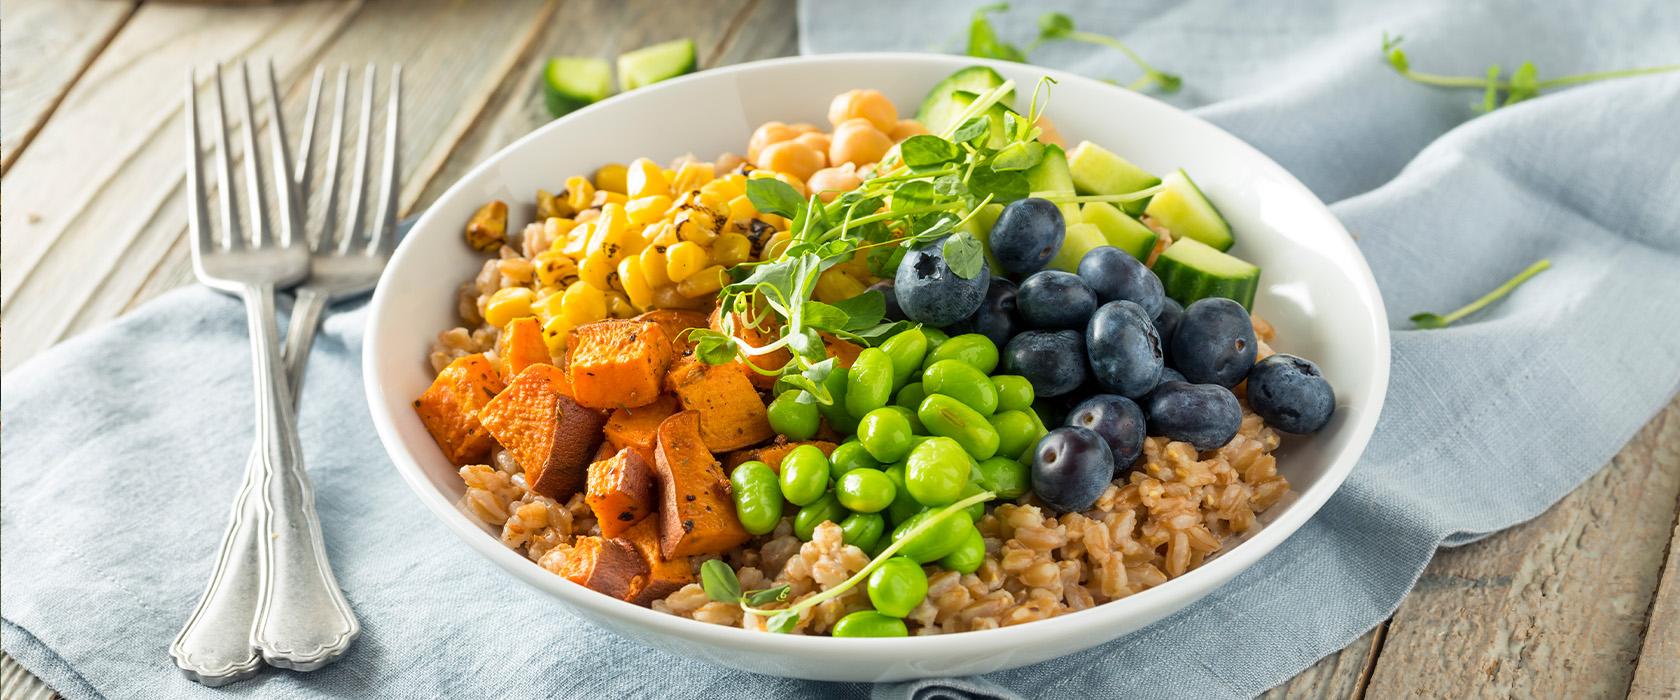 Питание по макробиотической диете: правила, польза